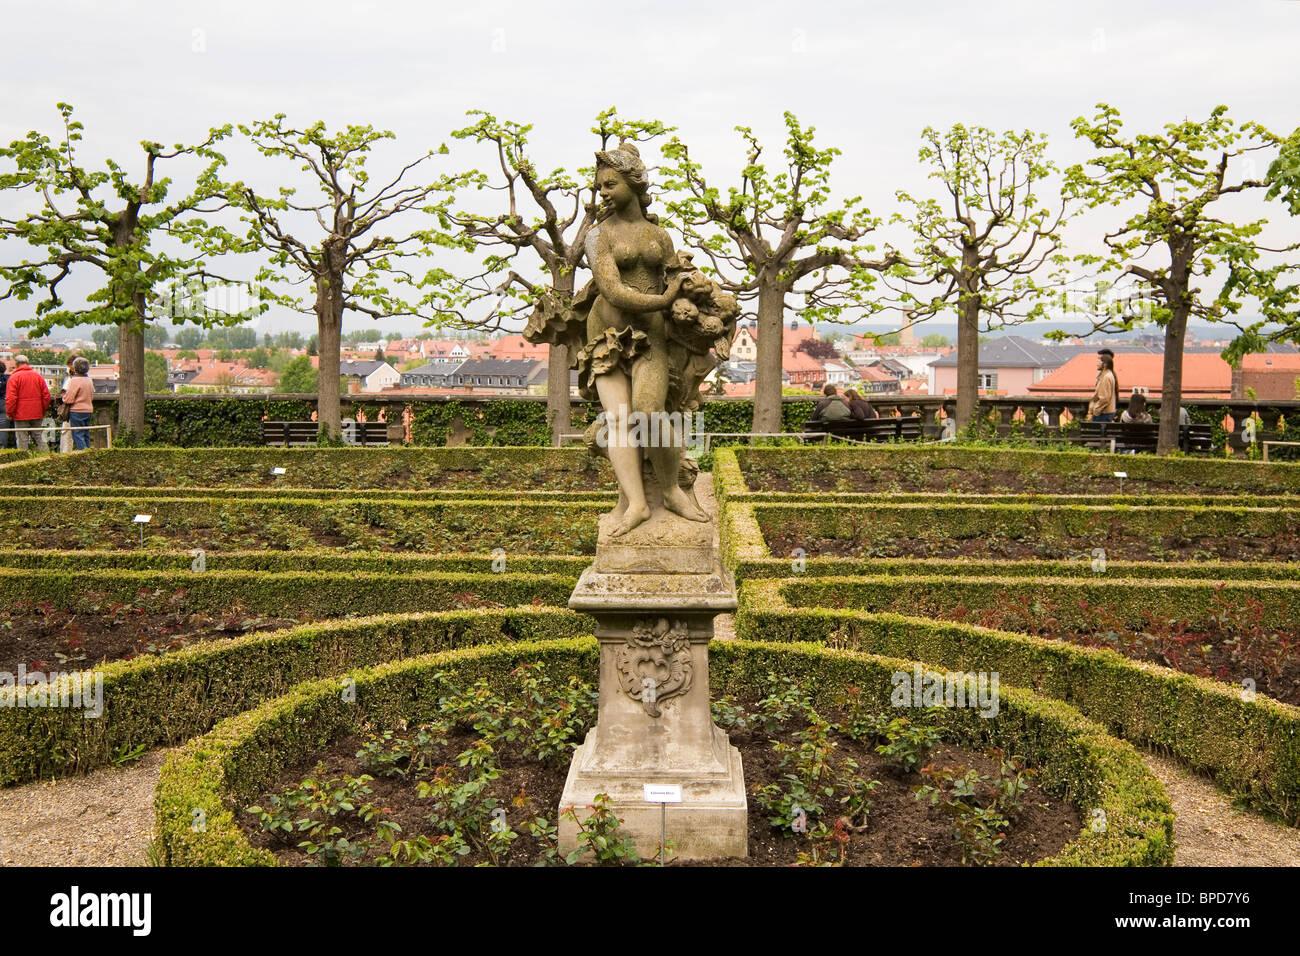 Baroque Era Stock Photos & Baroque Era Stock Images - Alamy